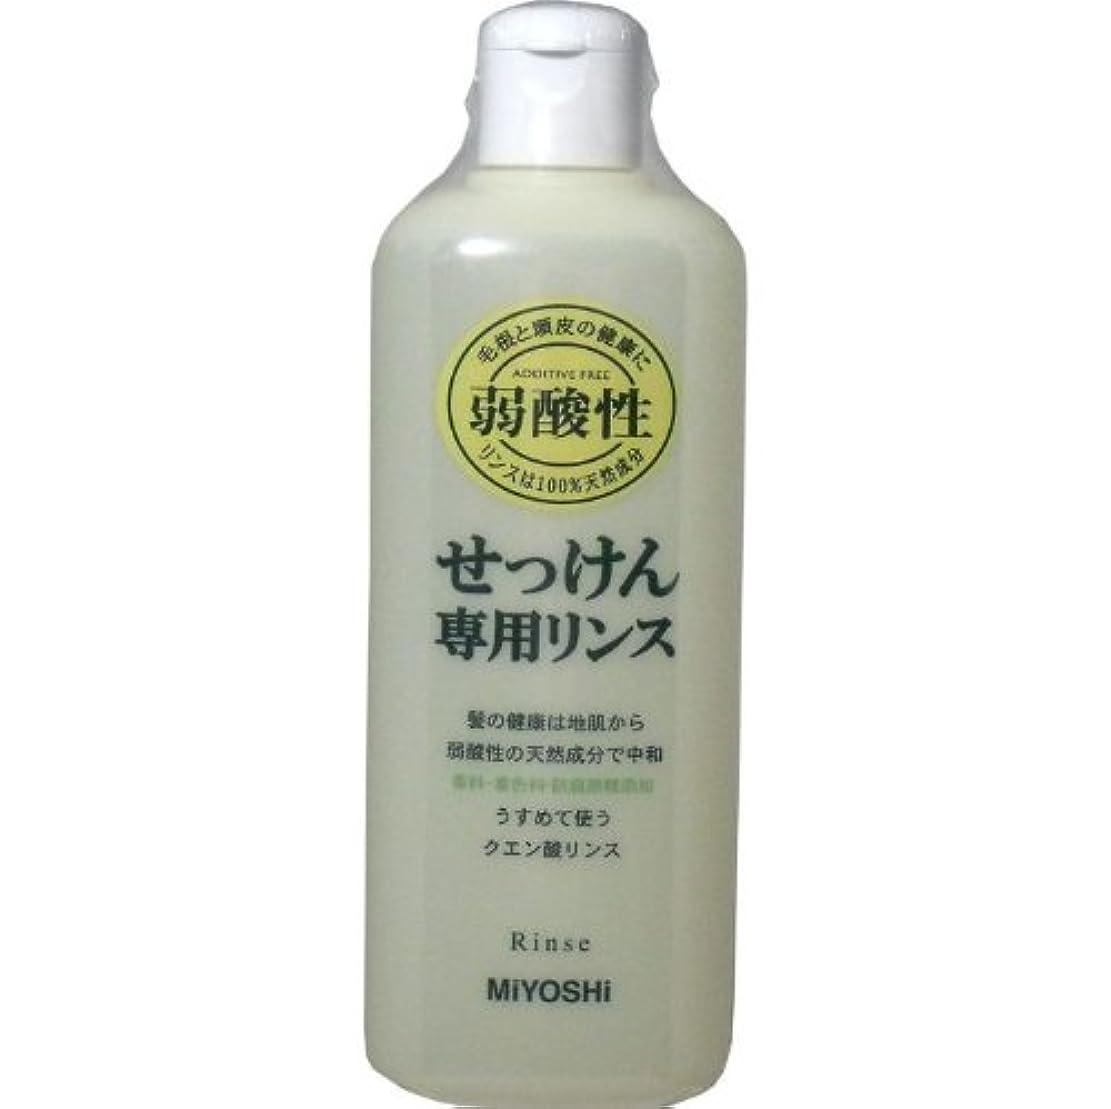 マークダウンポット割れ目髪の健康は地肌から、弱酸性の天然成分で中和!!香料、防腐剤、着色料無添加!うすめて使うクエン酸リンス!リンス 350mL【2個セット】